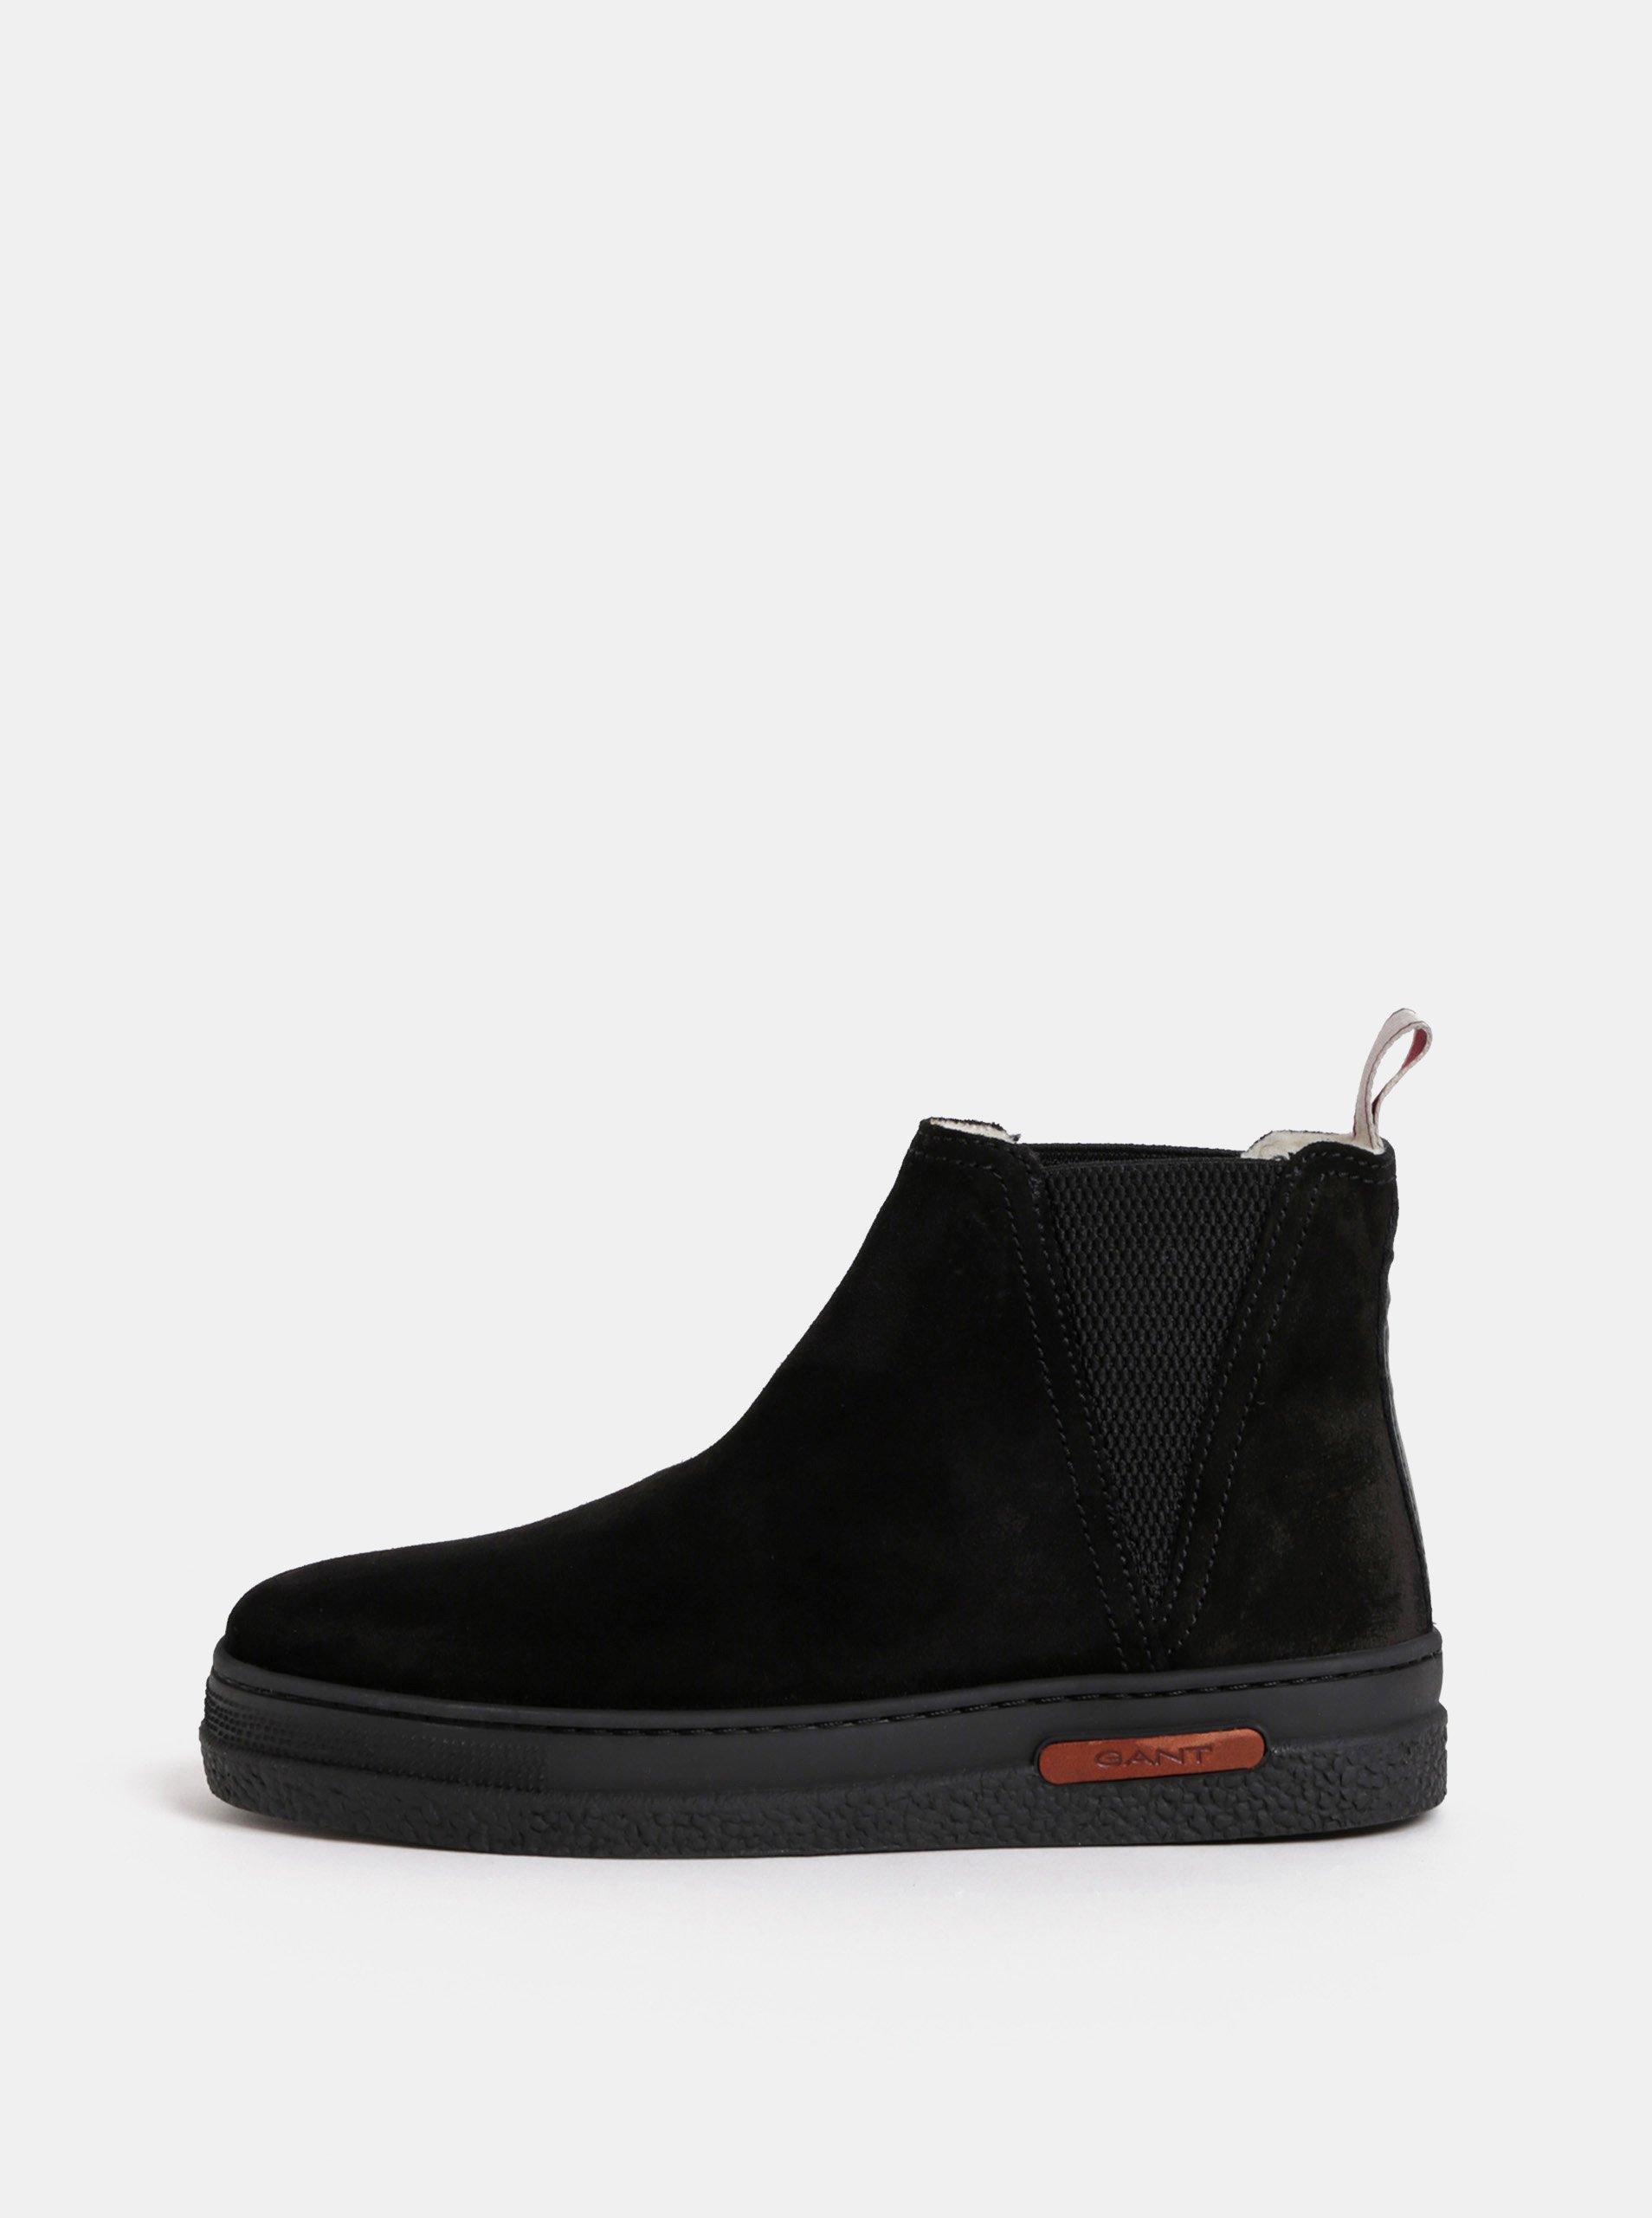 0b81e3742 Čierne dámske semišové zimné chelsea topánky s vlnenou podšívkou GANT